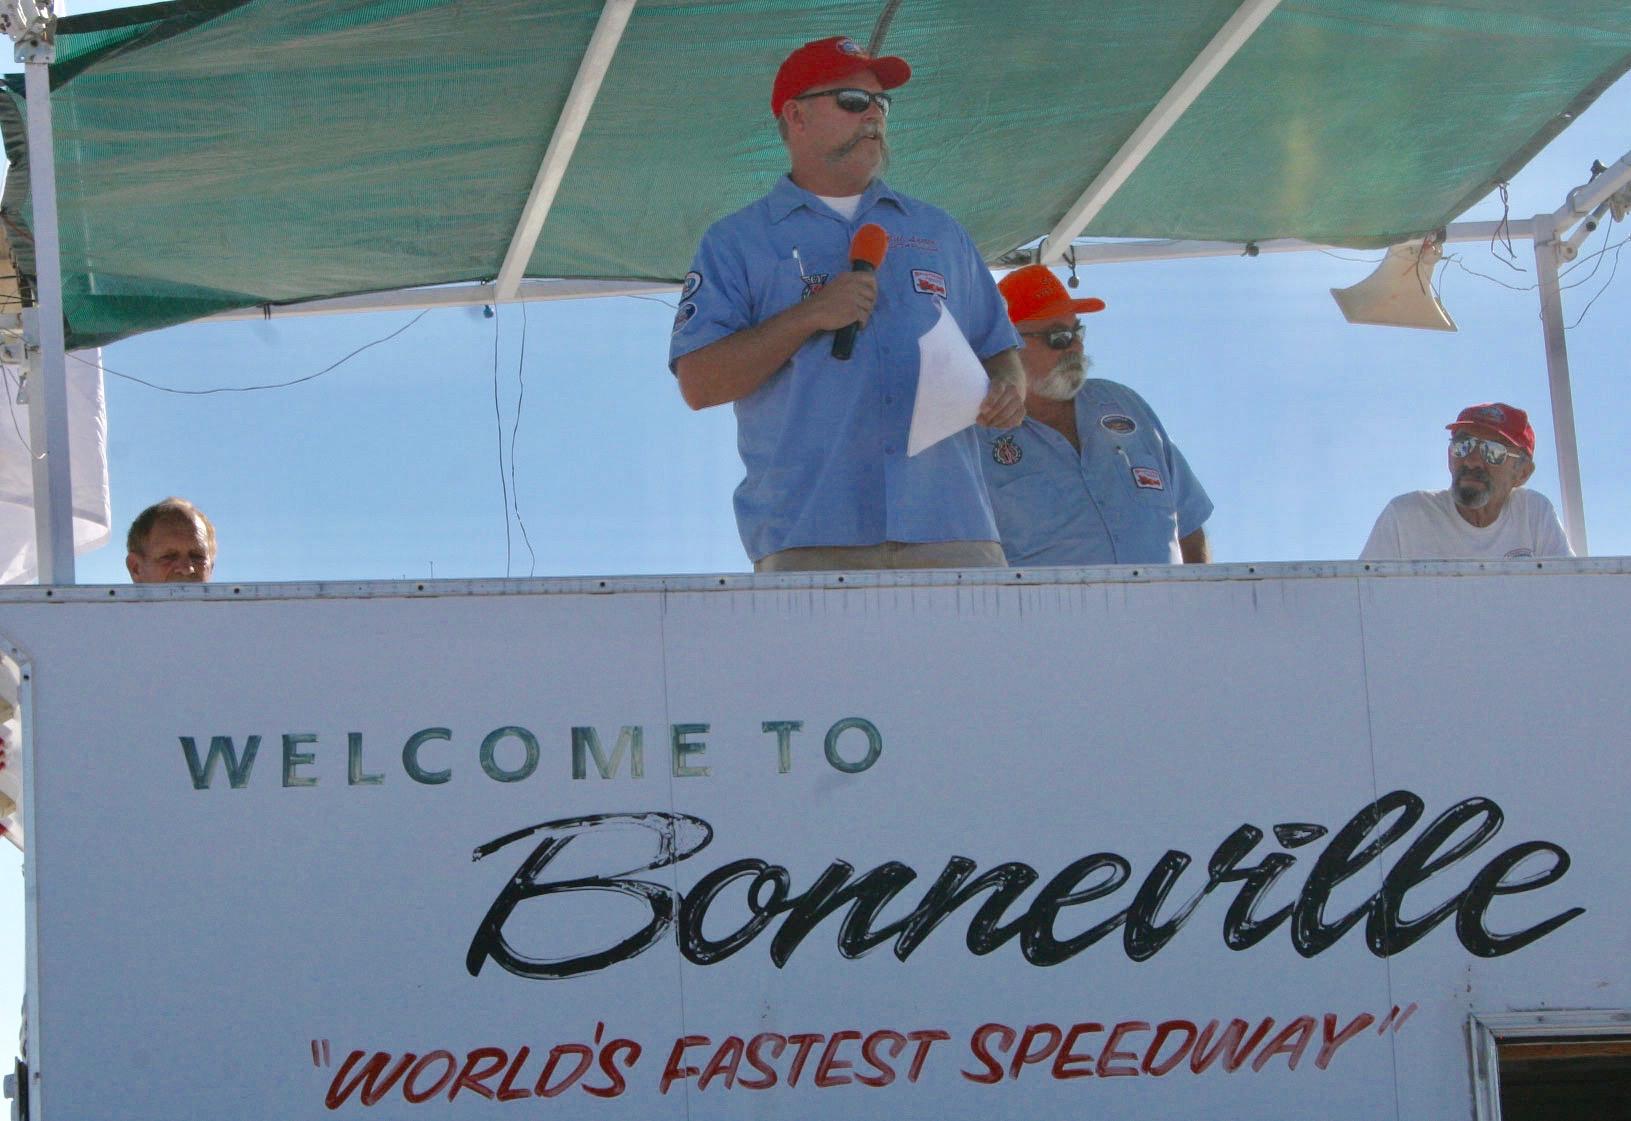 Bonneville, Racers smile despite soggy salt at Bonneville, ClassicCars.com Journal